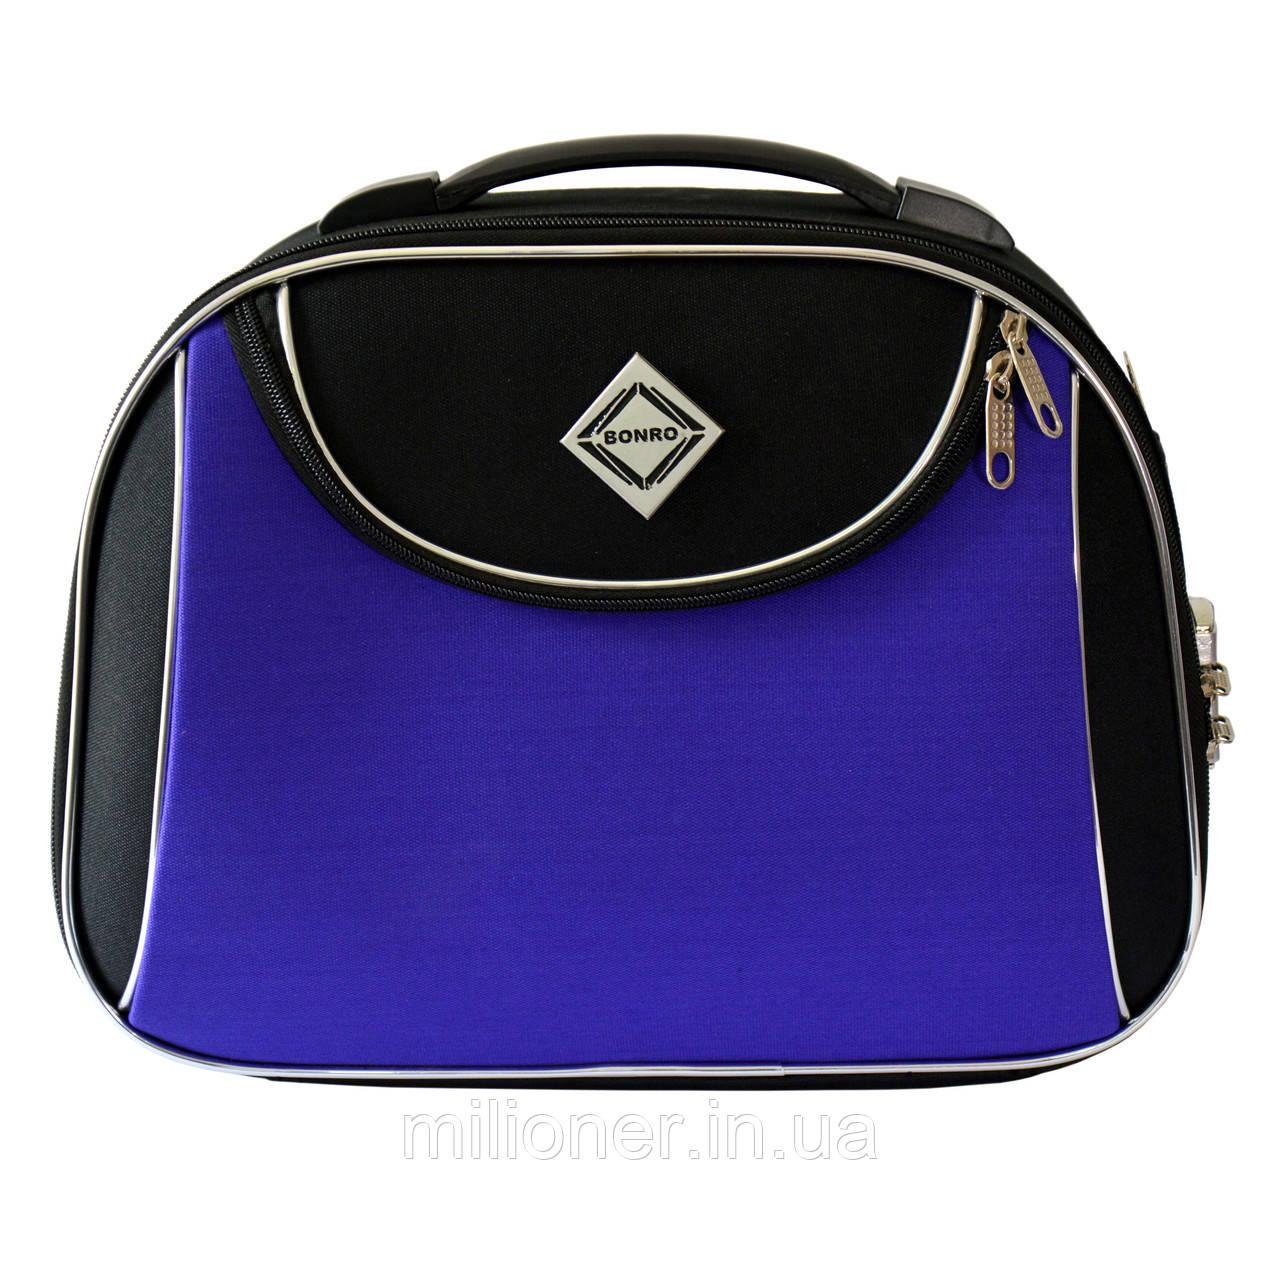 Сумка кейс саквояж Bonro Style (средний) черно-т,фиолетовый